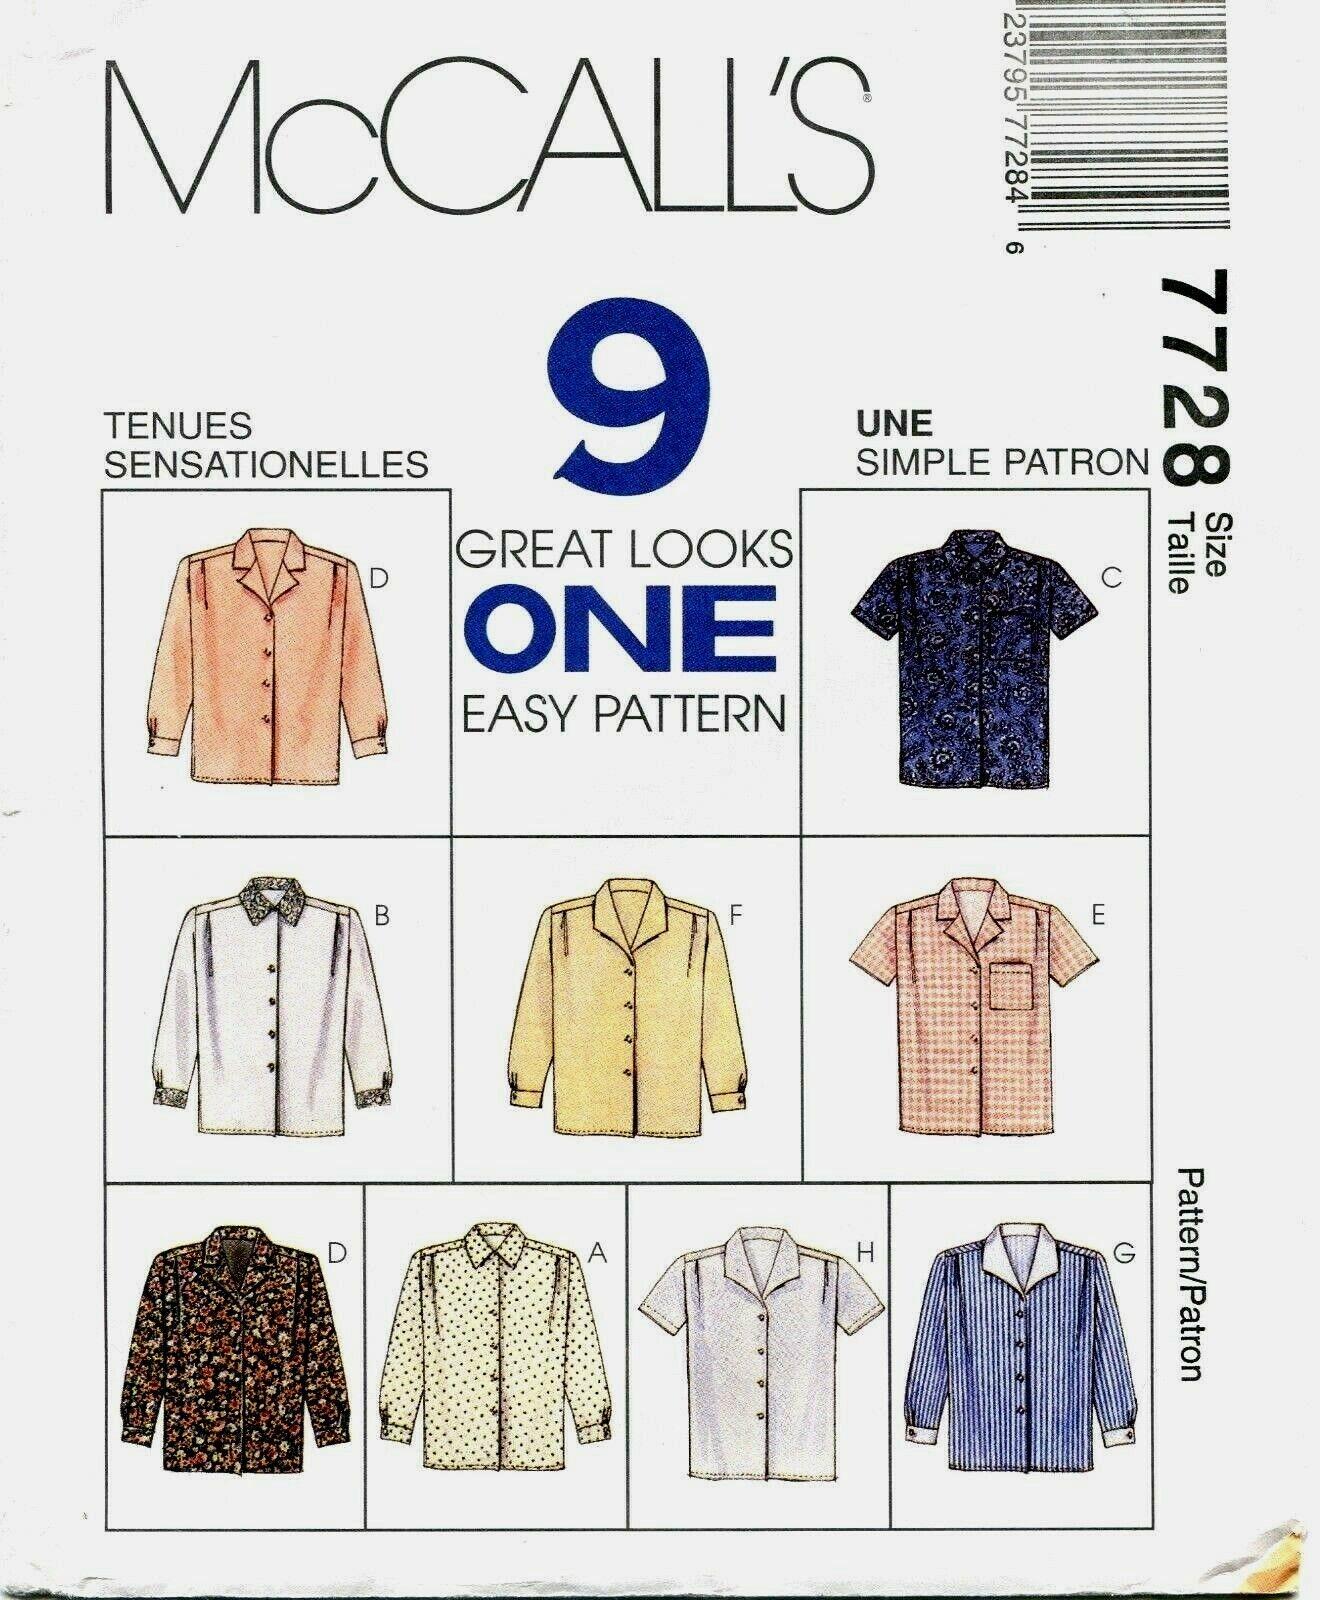 McCalls-7728-M FP McCalls Sewing Pattern 7728 Free UK P/&P